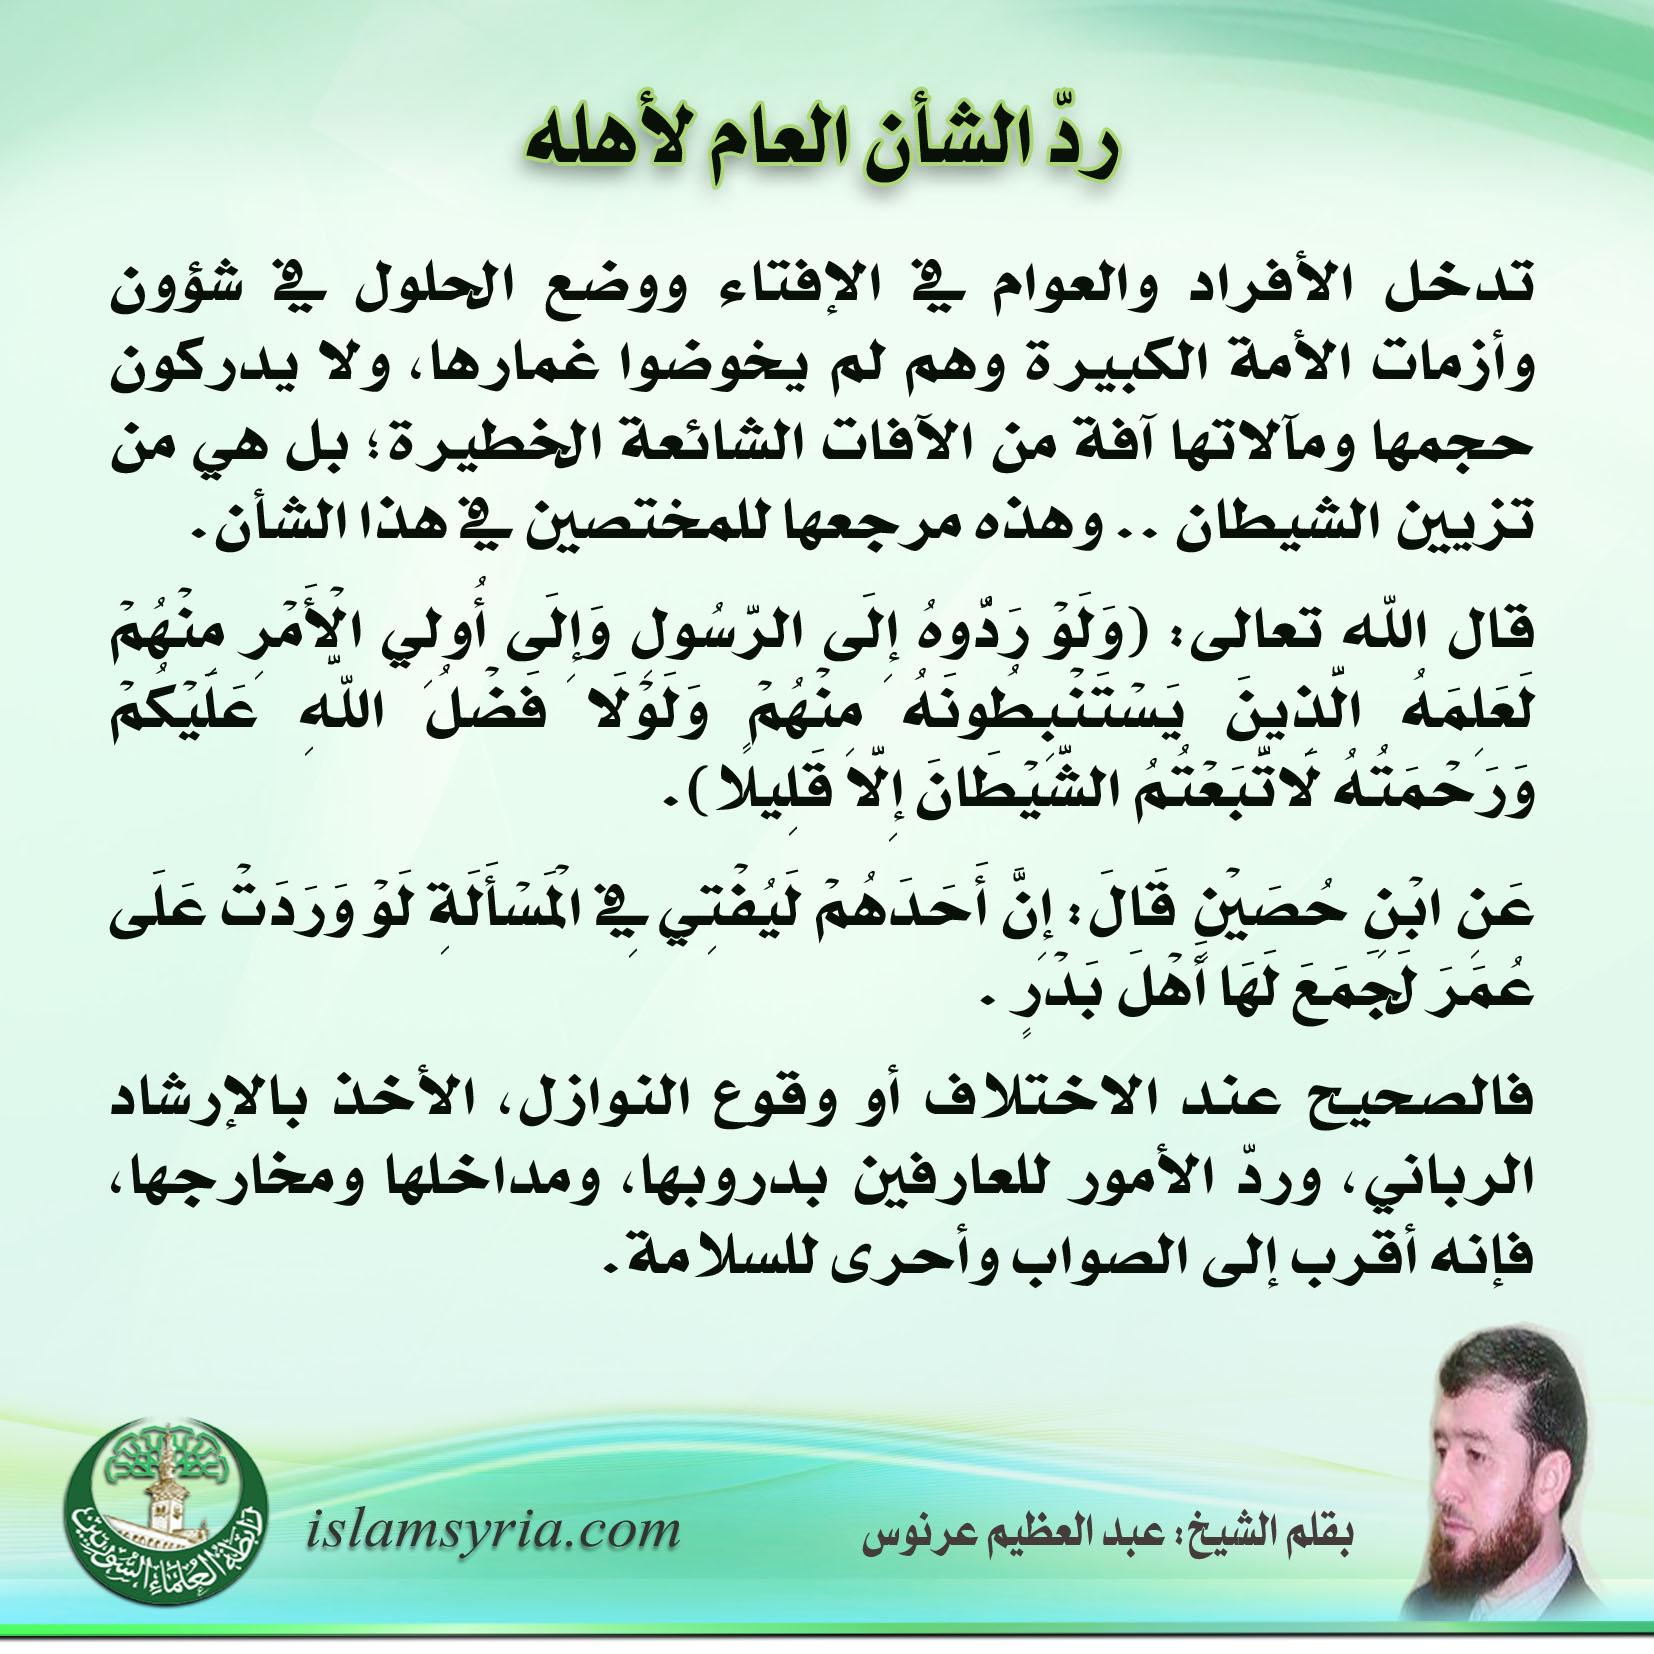 رد الشأن العام لأهله||الشيخ عبد العظيم عرنوس